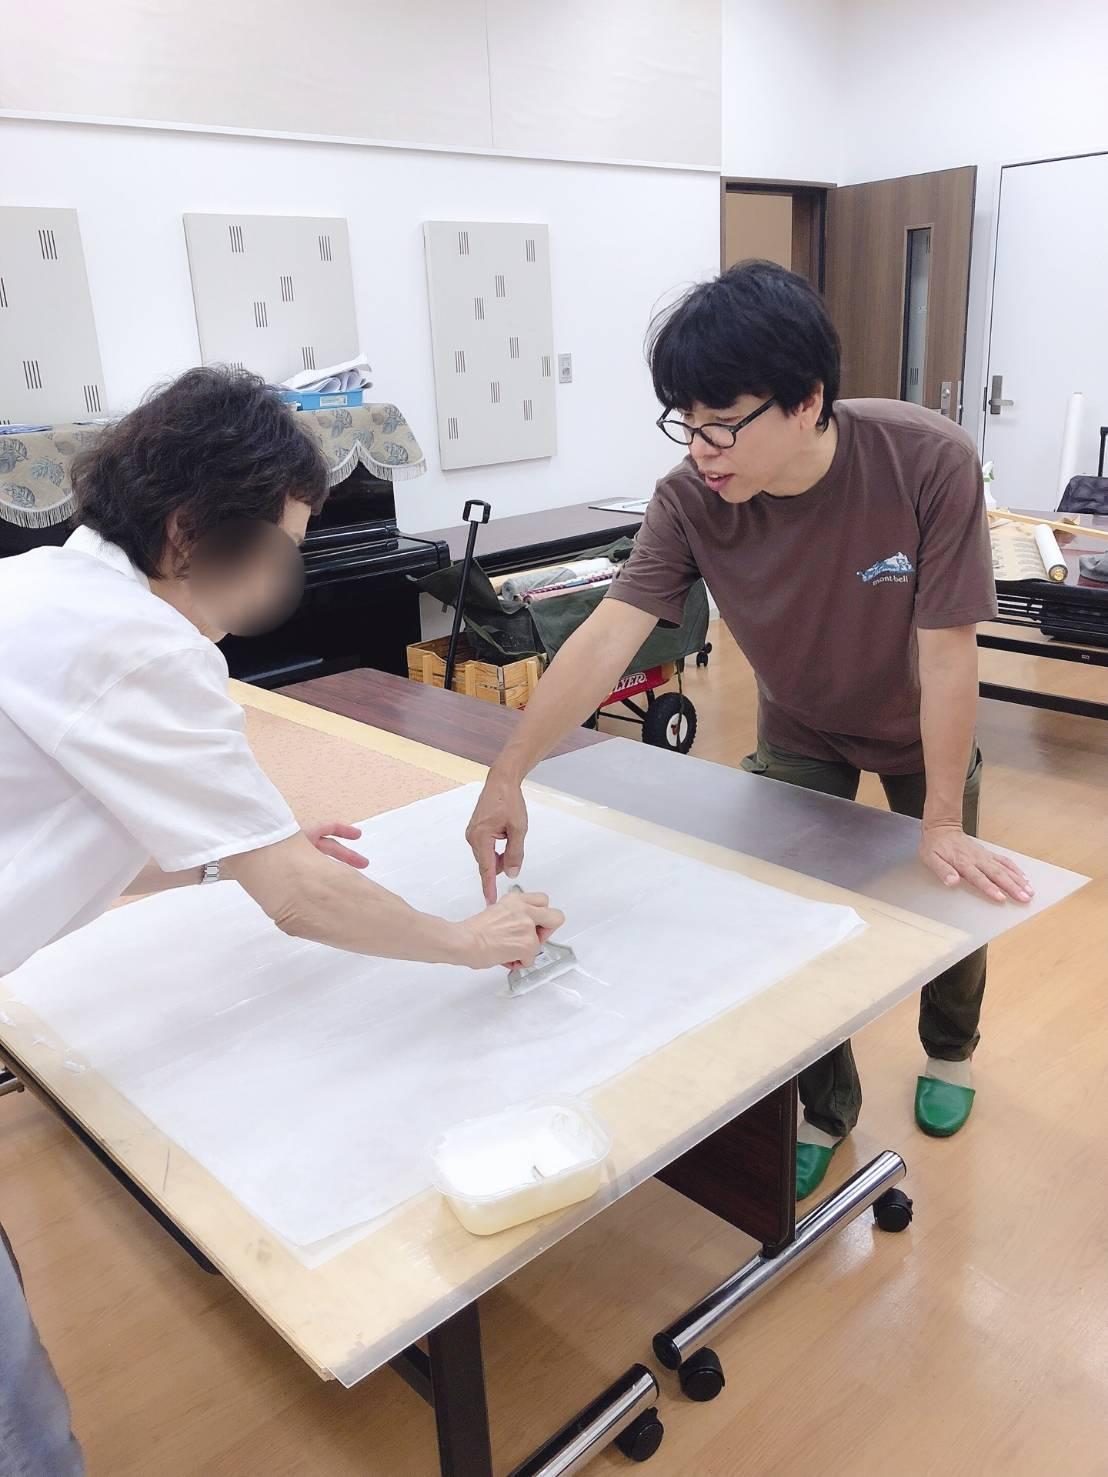 【三木校】体験:楽しい表装セミナー・日曜クラス3DAY体験 20/08/02~20/10/04